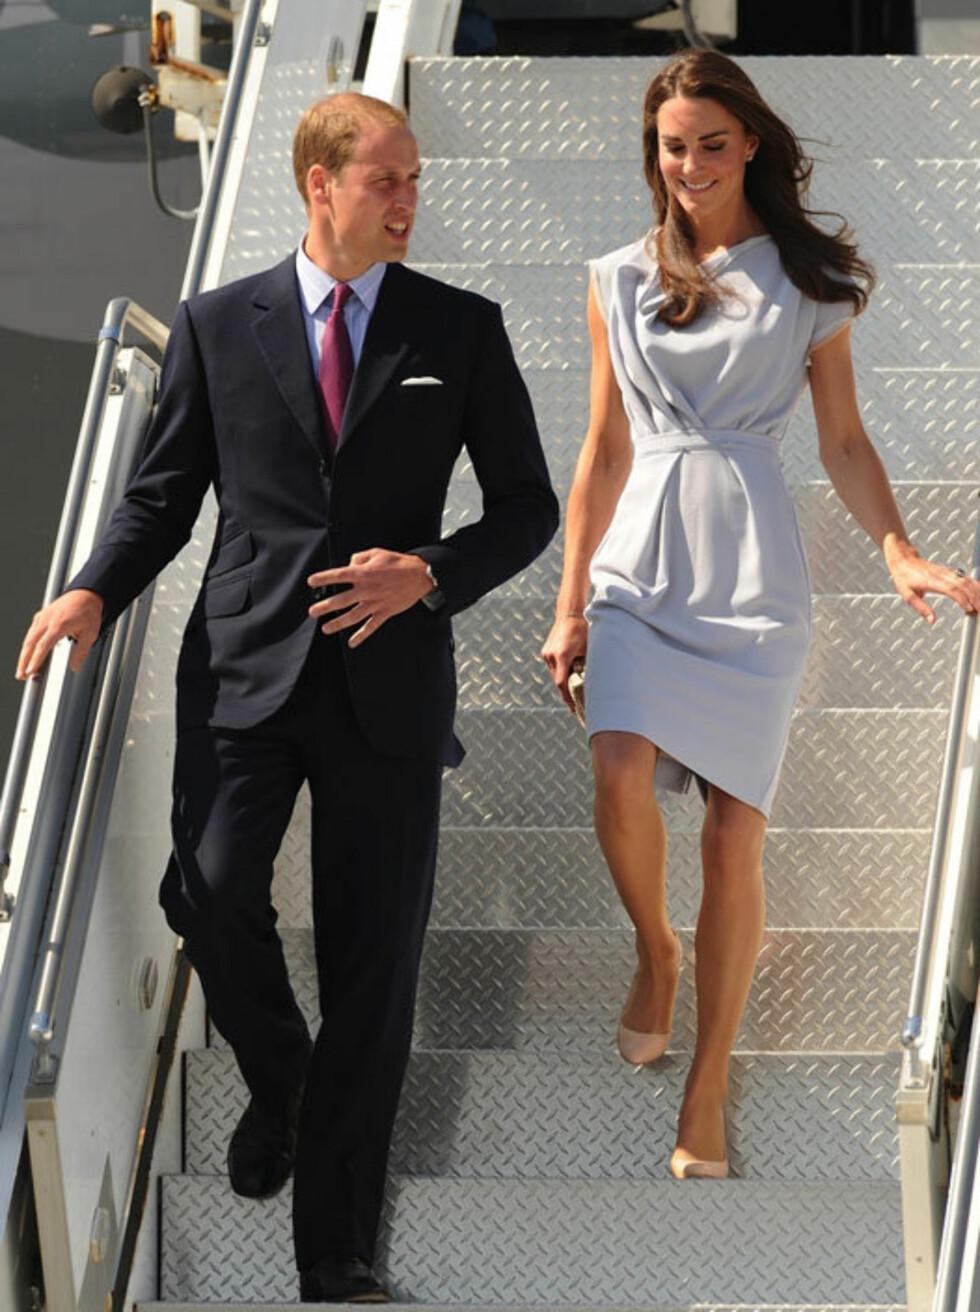 FIN FARGE: Da hertuginne Kate og prins William ankom flyplassen i Los Angeles, var Kate iført en kjole fra Roksanda Ilincic, i nesten samme delikate farge som aftenkjolen fra Alexander McQueen som hun strålte i på BAFTA-gallaen lørdag.  Foto: Visual Press Agency